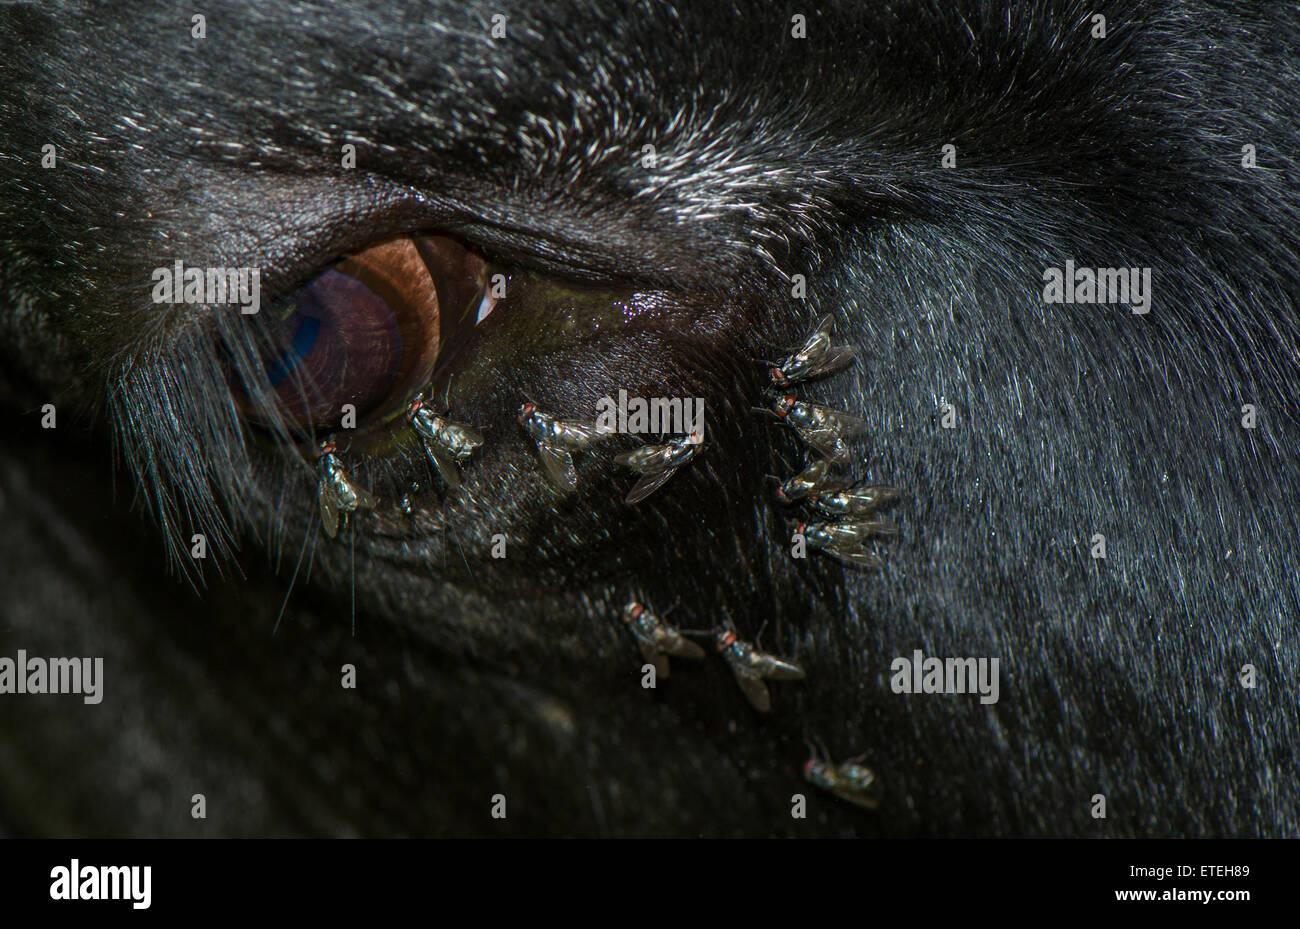 O Blowflies Bluebottle vuela alimentando la teardrops desde el ojo de una vaca. Foto de stock